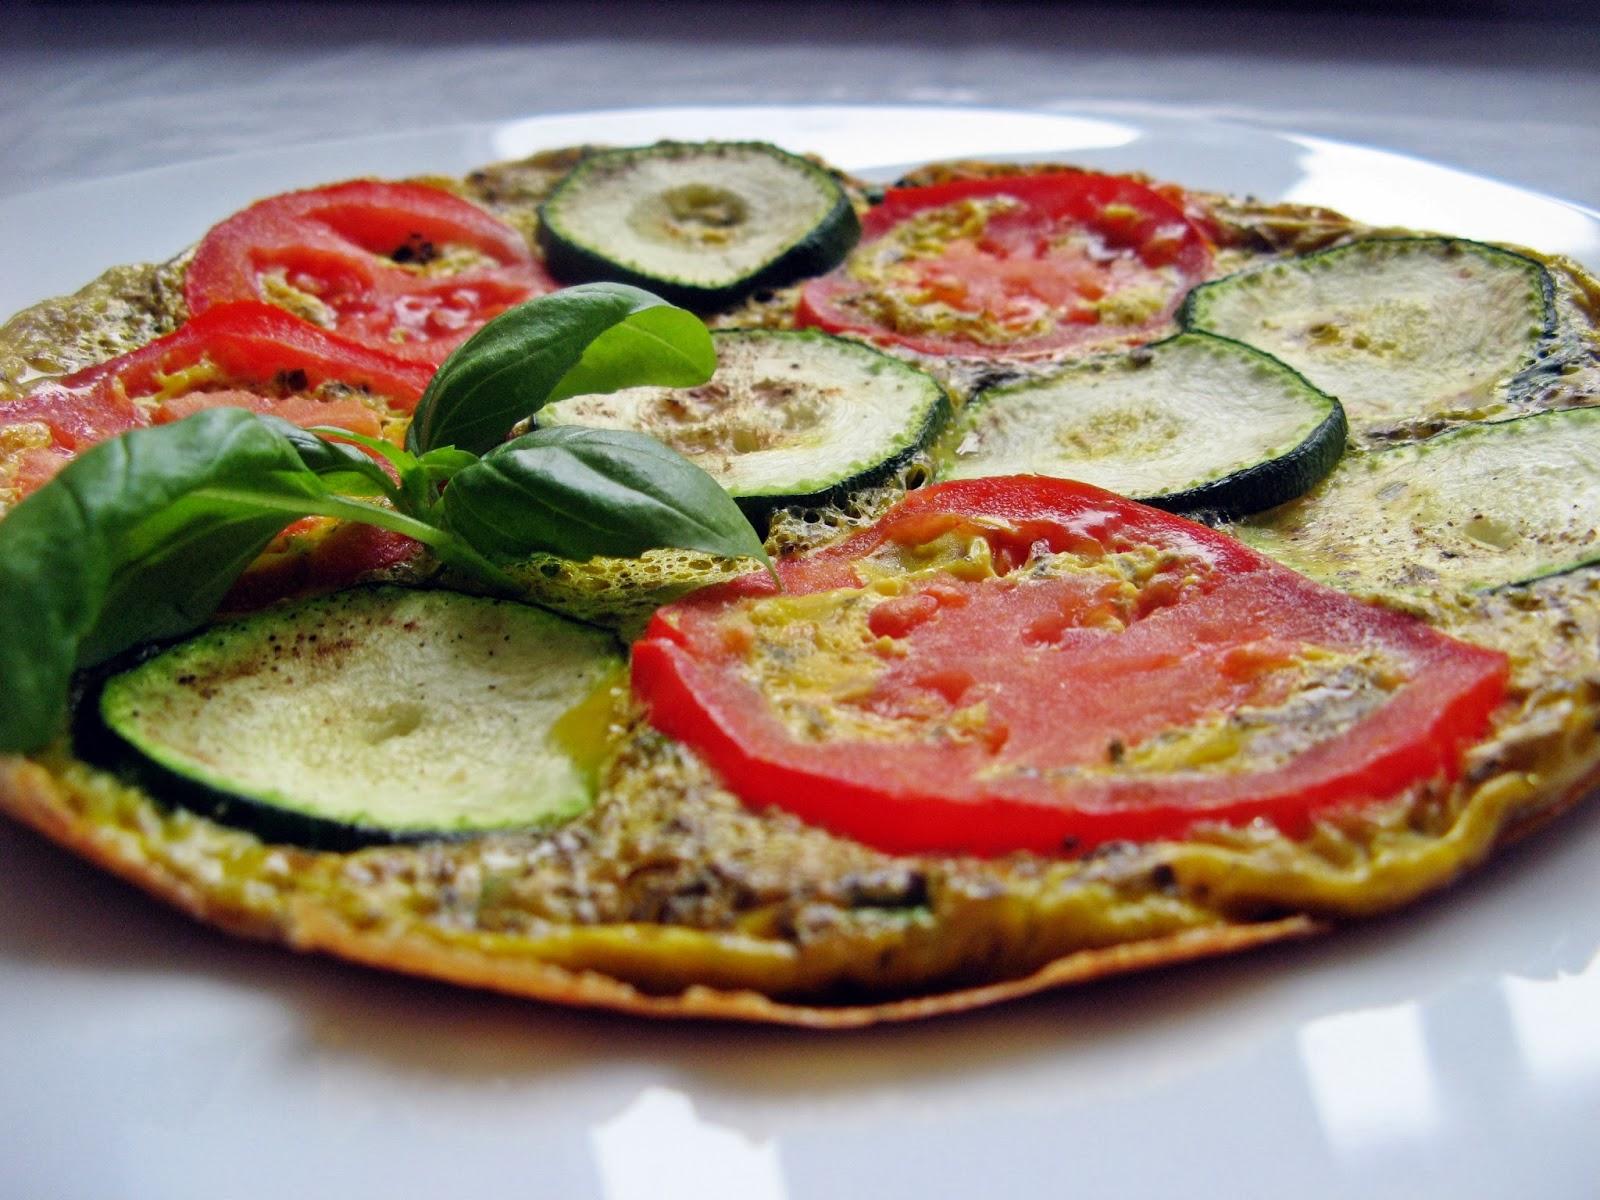 IMG 9352 1 - Omlet z cukinią, pomidorami i ziołami prowansalskimi